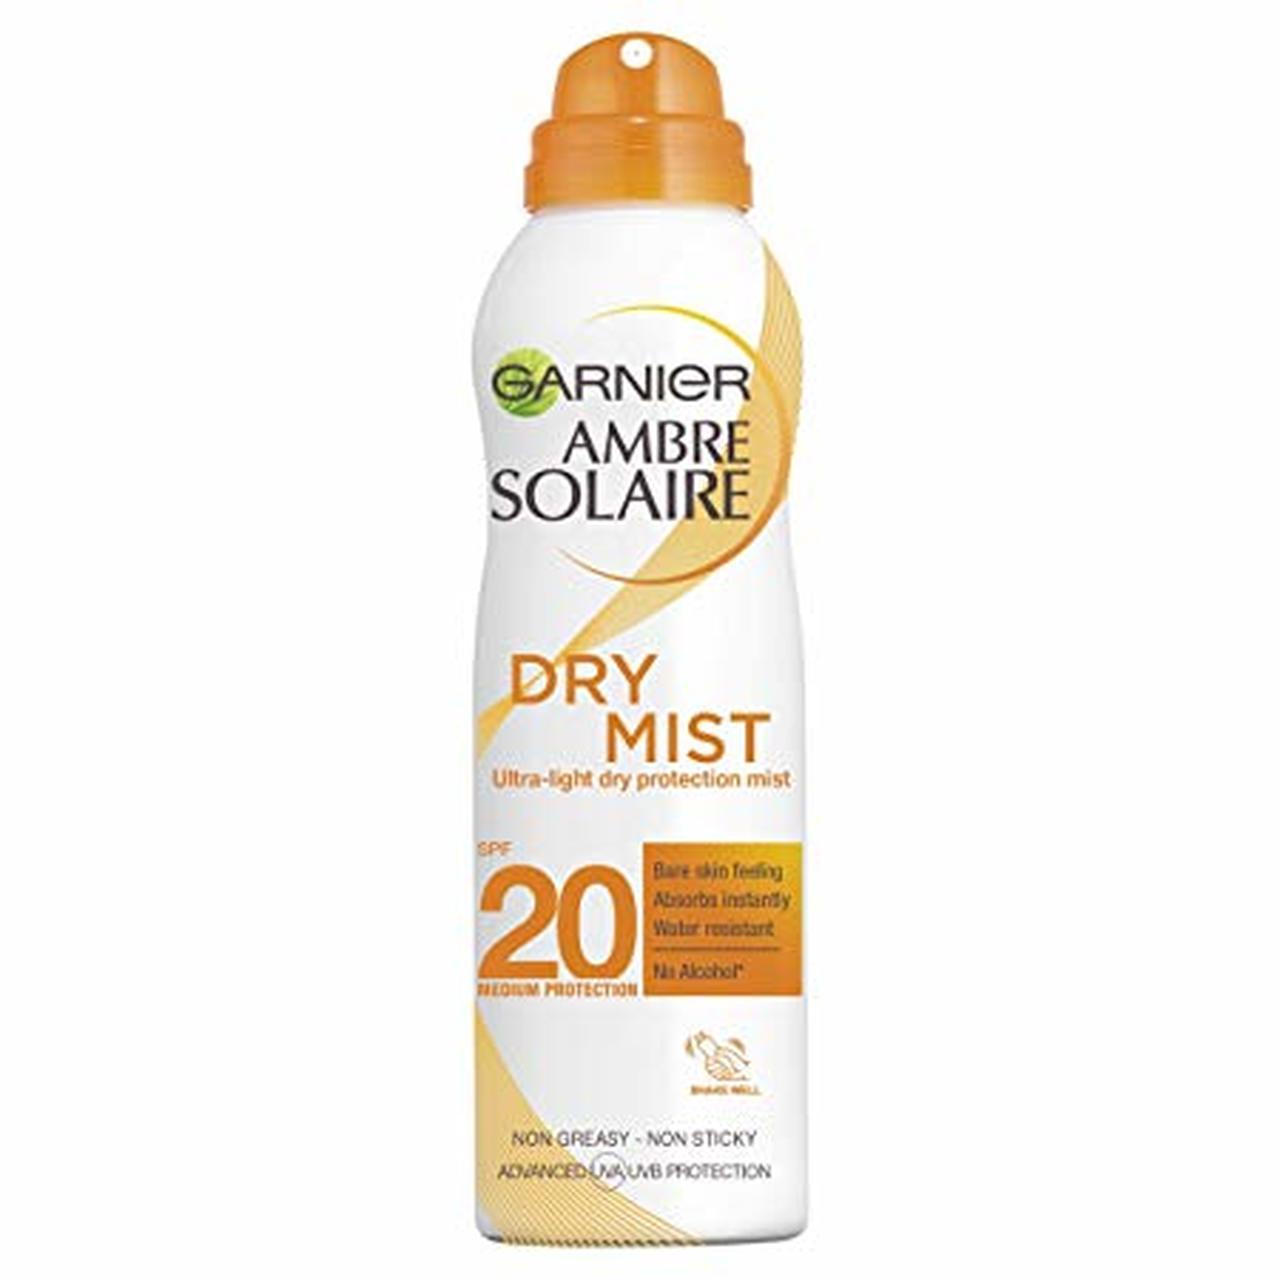 GARNIER AMBRE SOLAIRE DRY MIST SPF 20